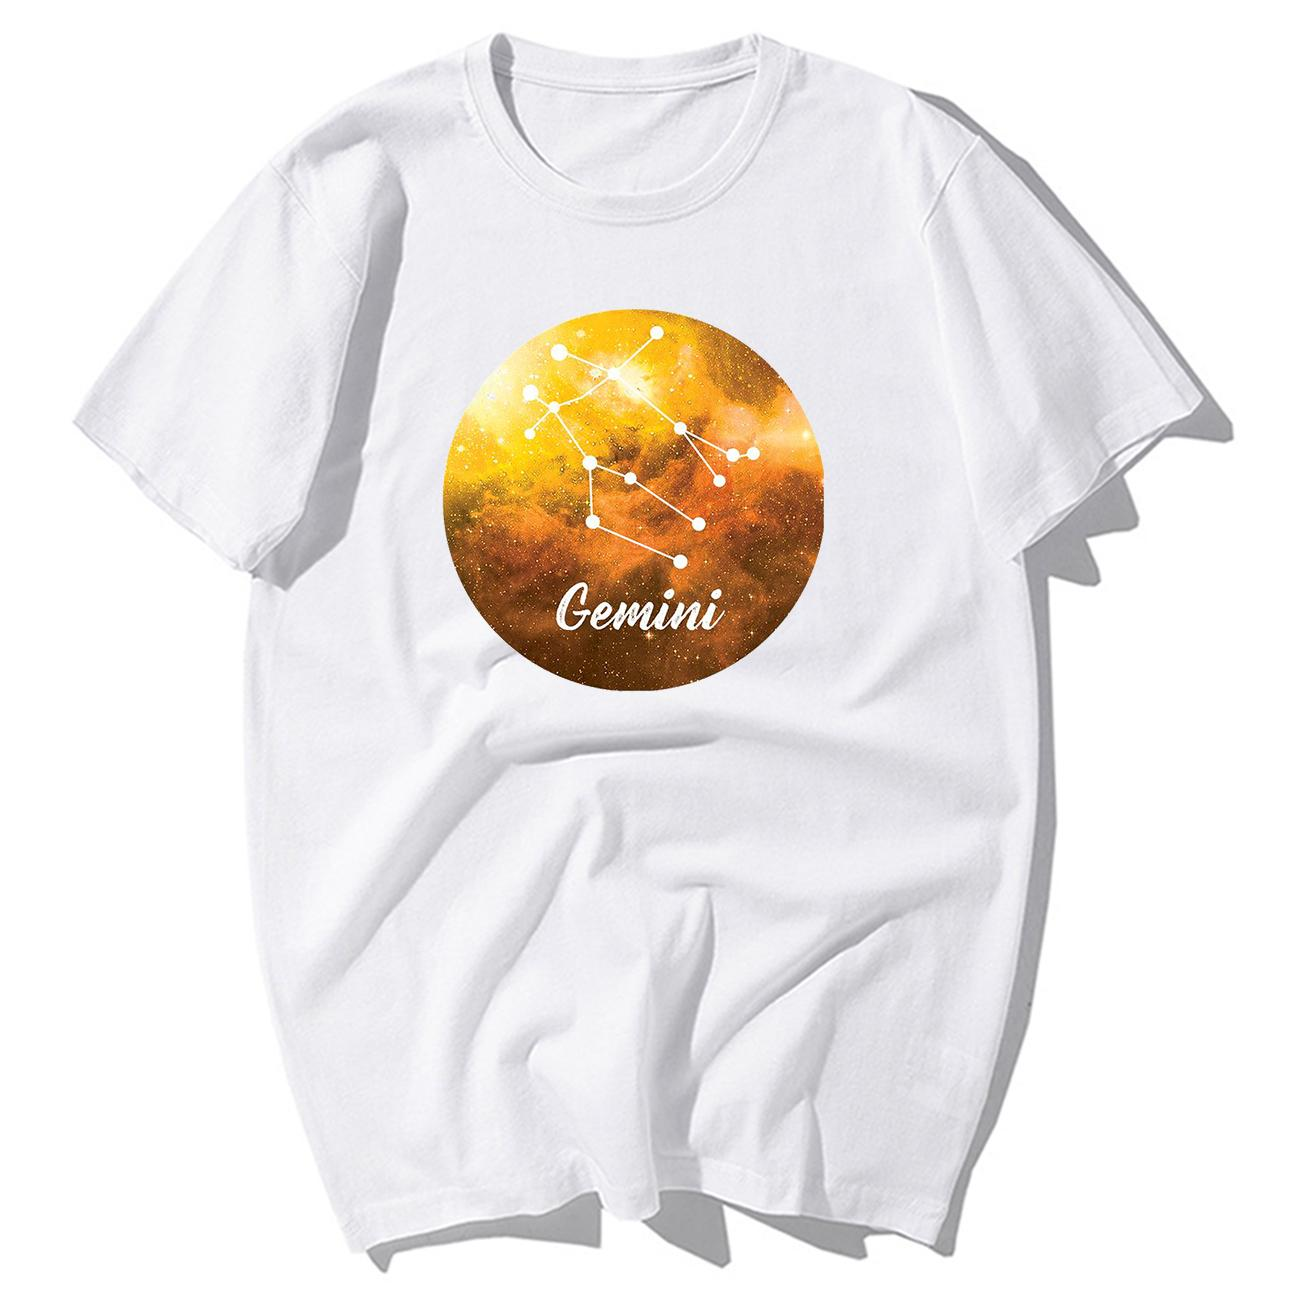 Dodici costellazioni maglietta vendita calda Gemini Stella T-shirt Coppie Uomini Man Women in Love maglietta del cotone di modo SUPERA IL T-shirt